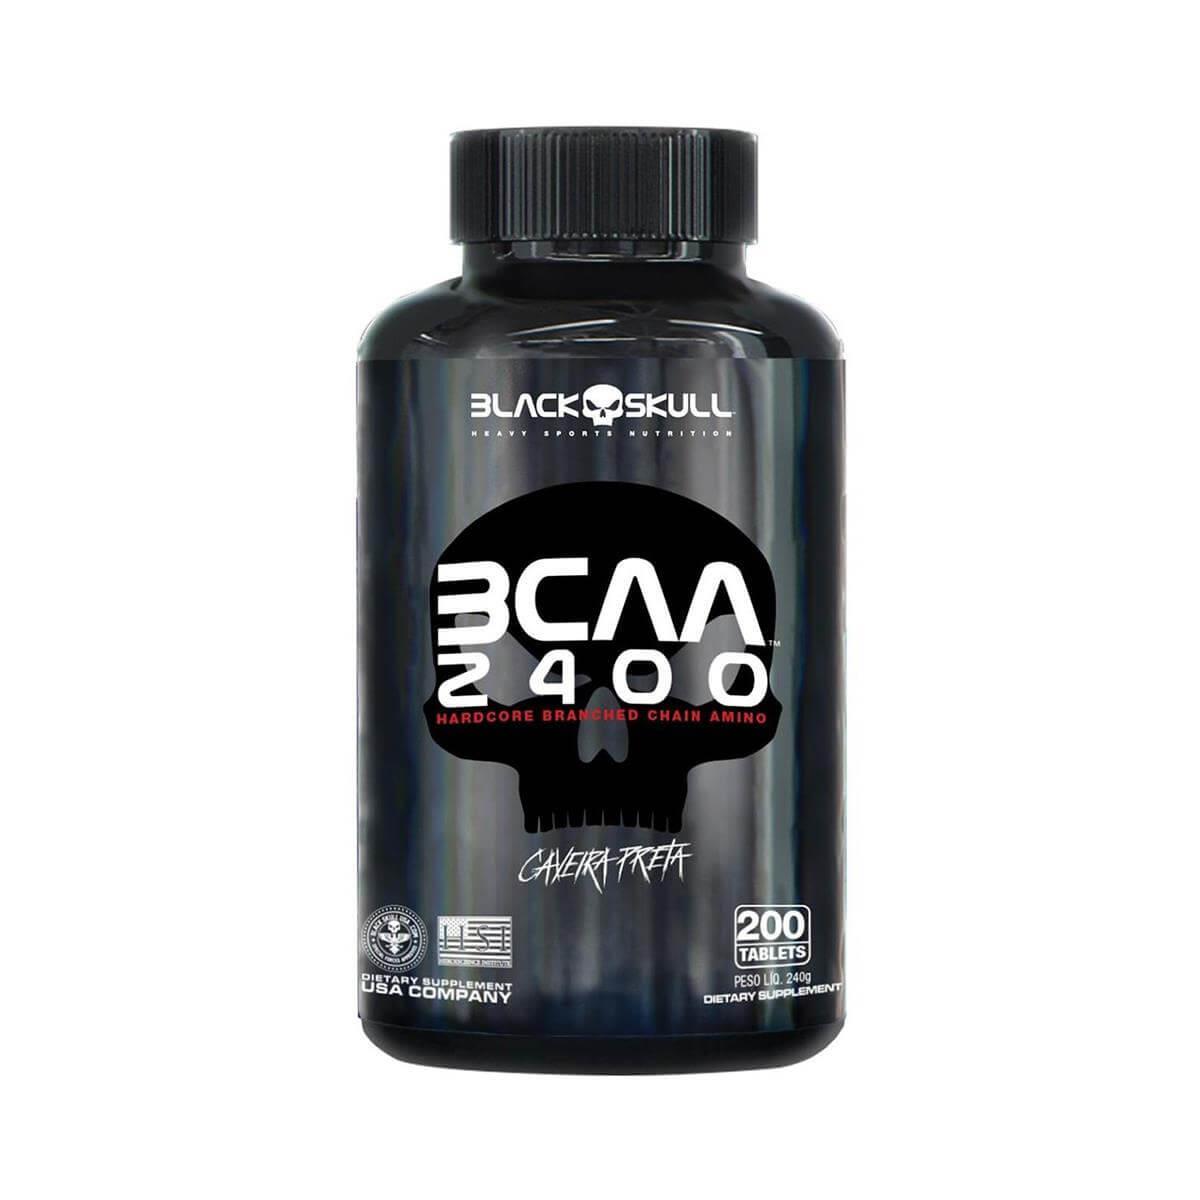 BCAA 2400 (200 Tabletes) - Black Skull